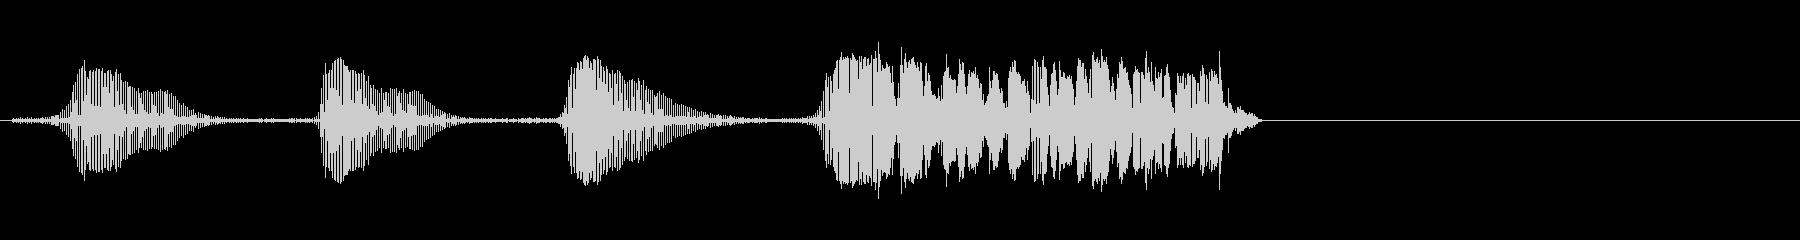 面白いフライバズの未再生の波形